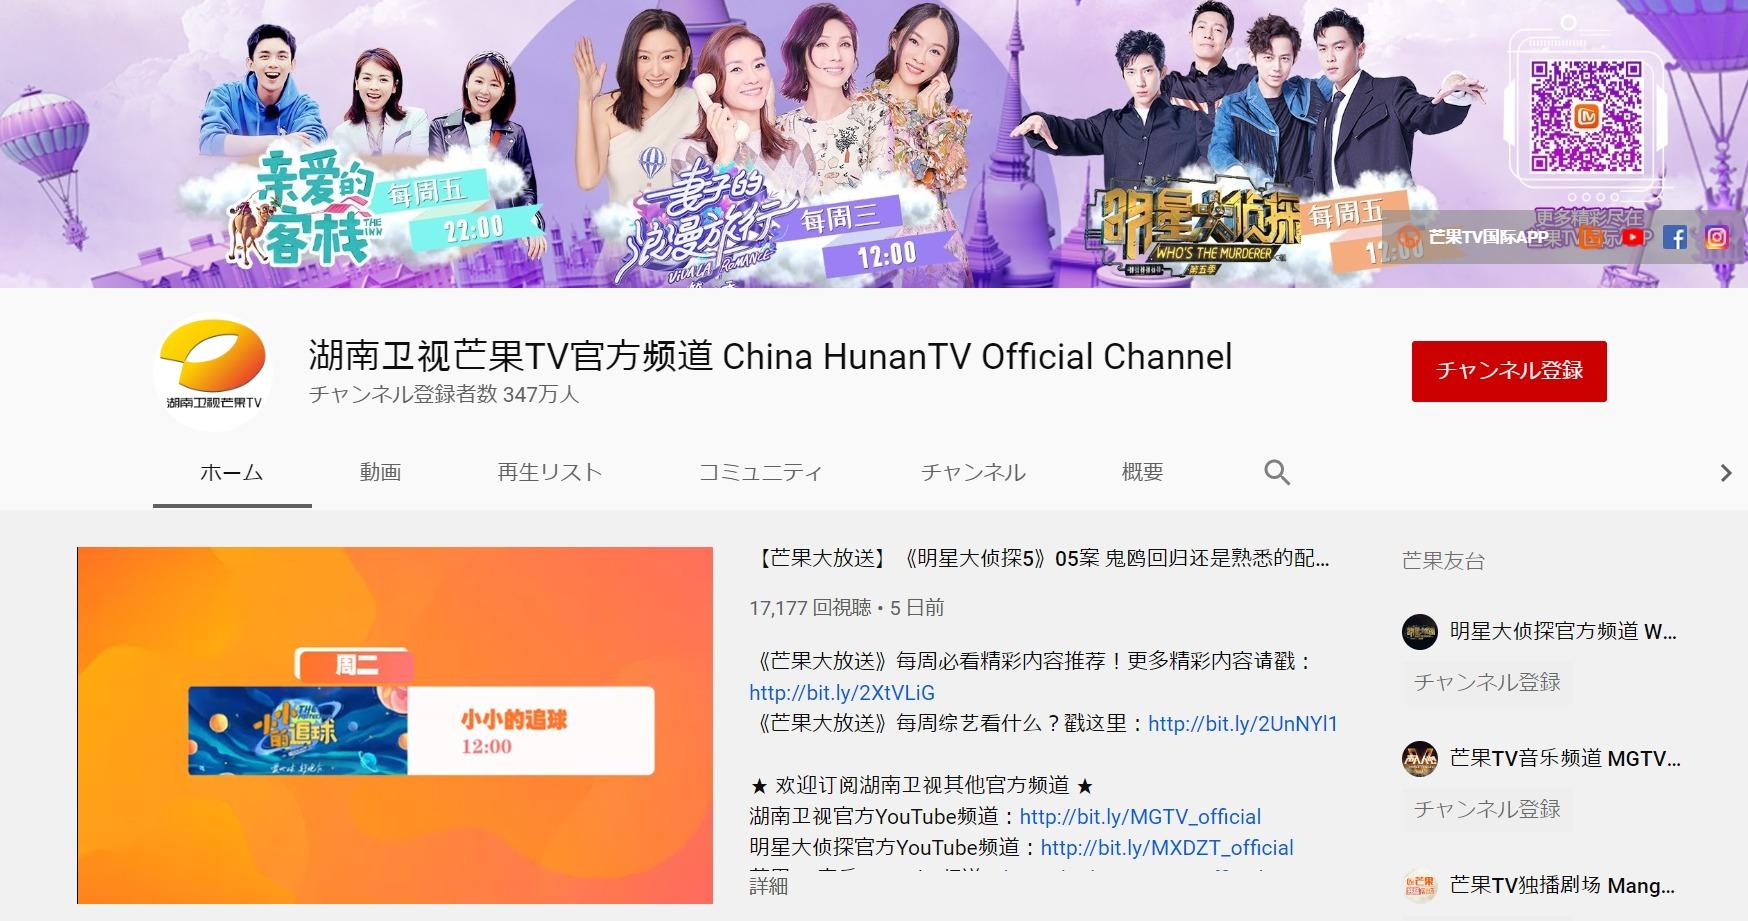 湖南卫视芒果TVのYouTubeチャンネル